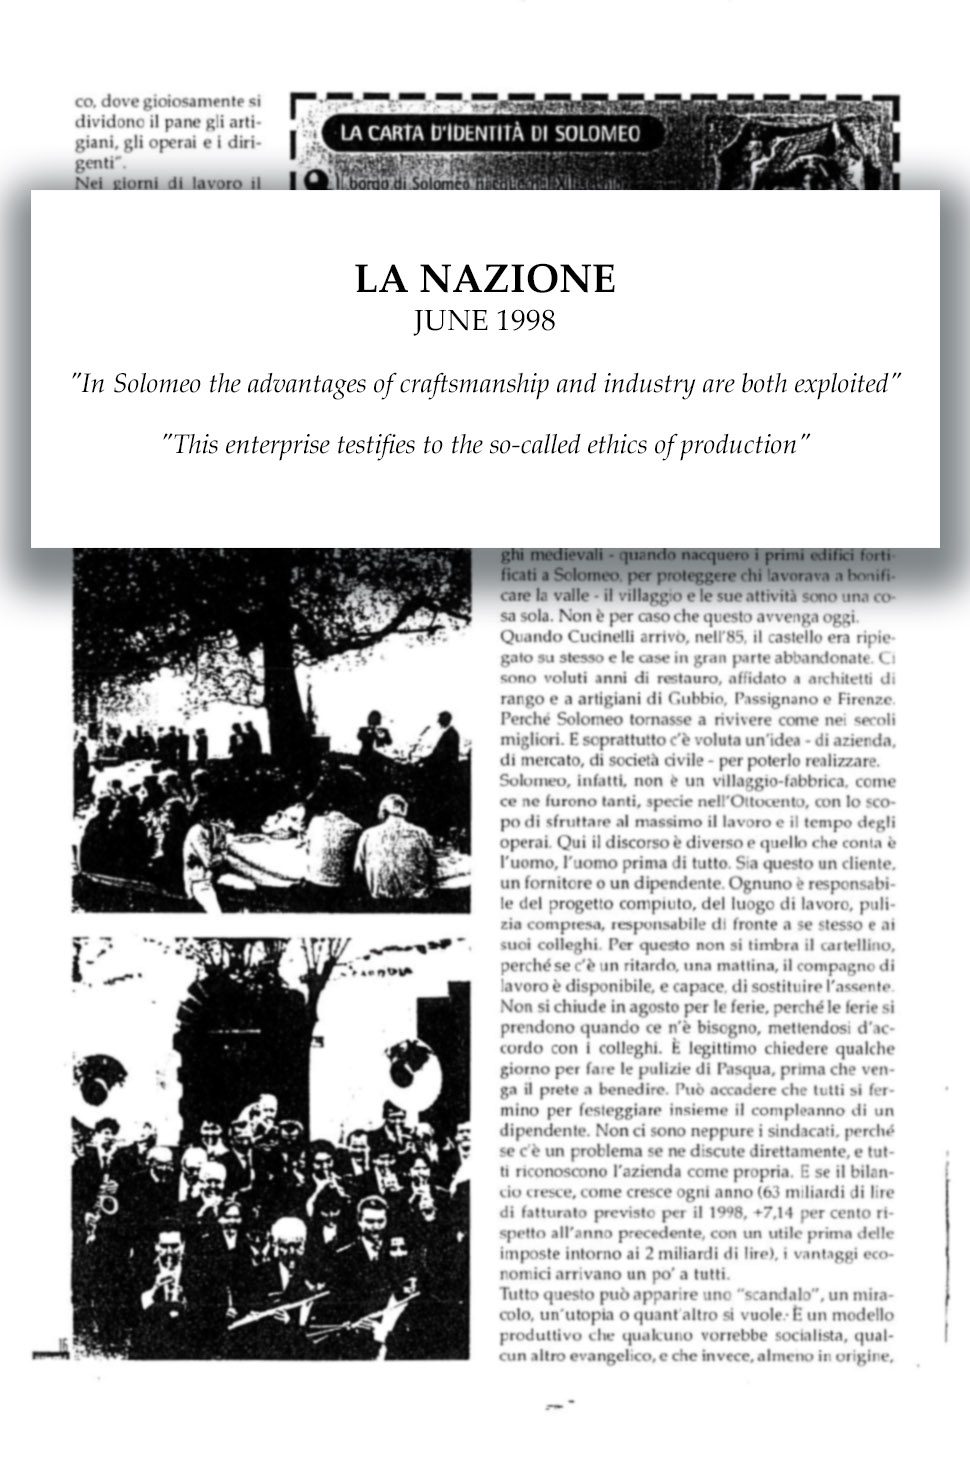 1998 La Nazione